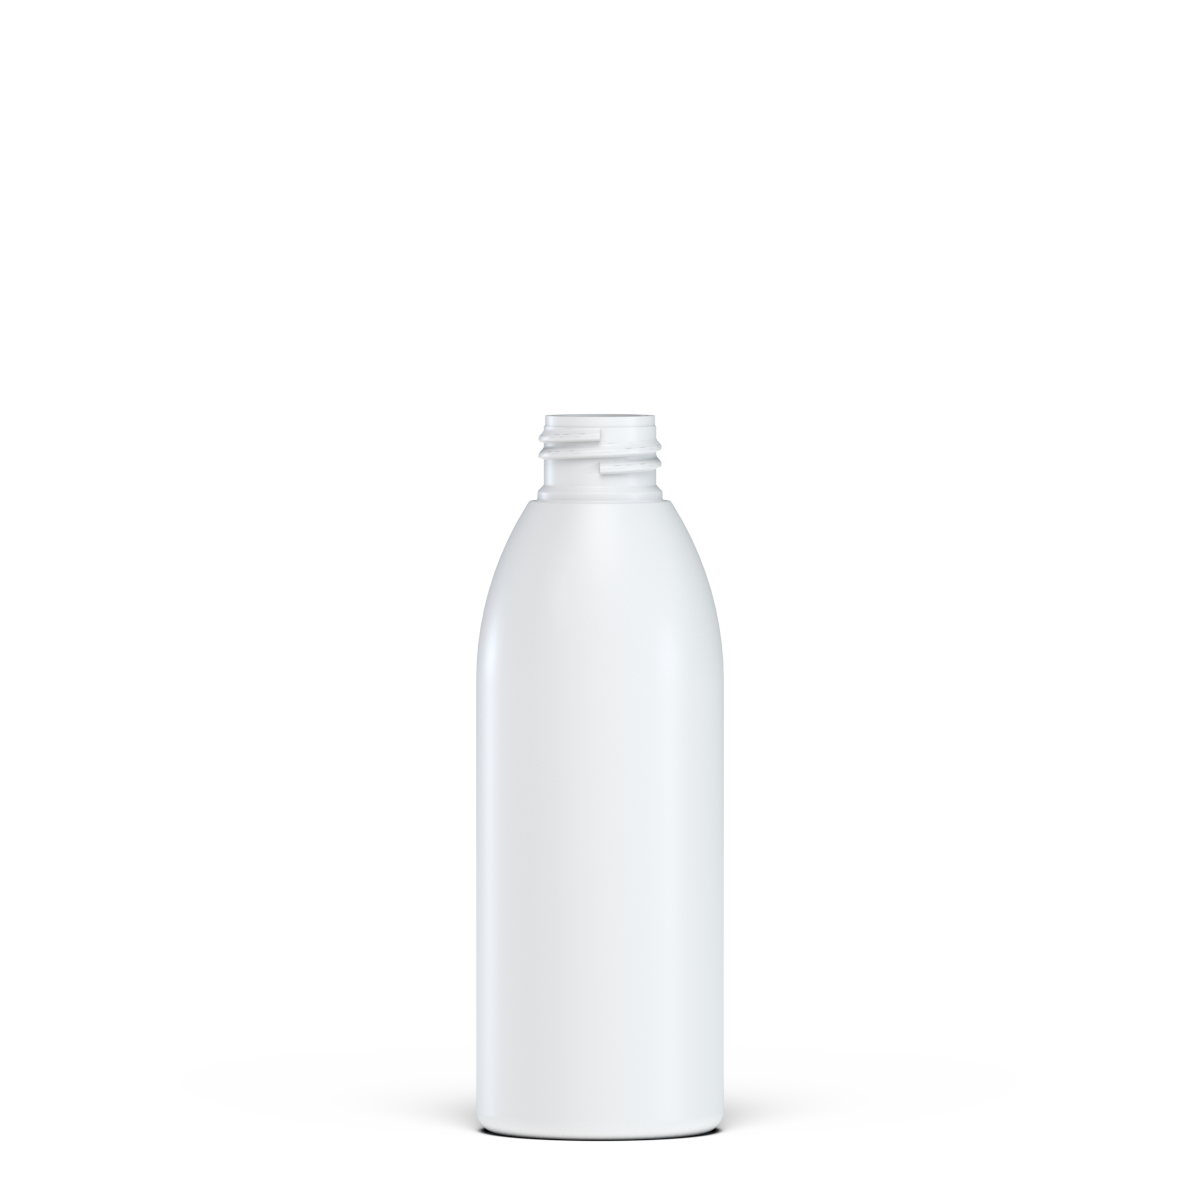 Flacone cilindrico 150 ml HDPE/SOFT TOUCH , collo 24/410, linea ISCHIA (Reale)